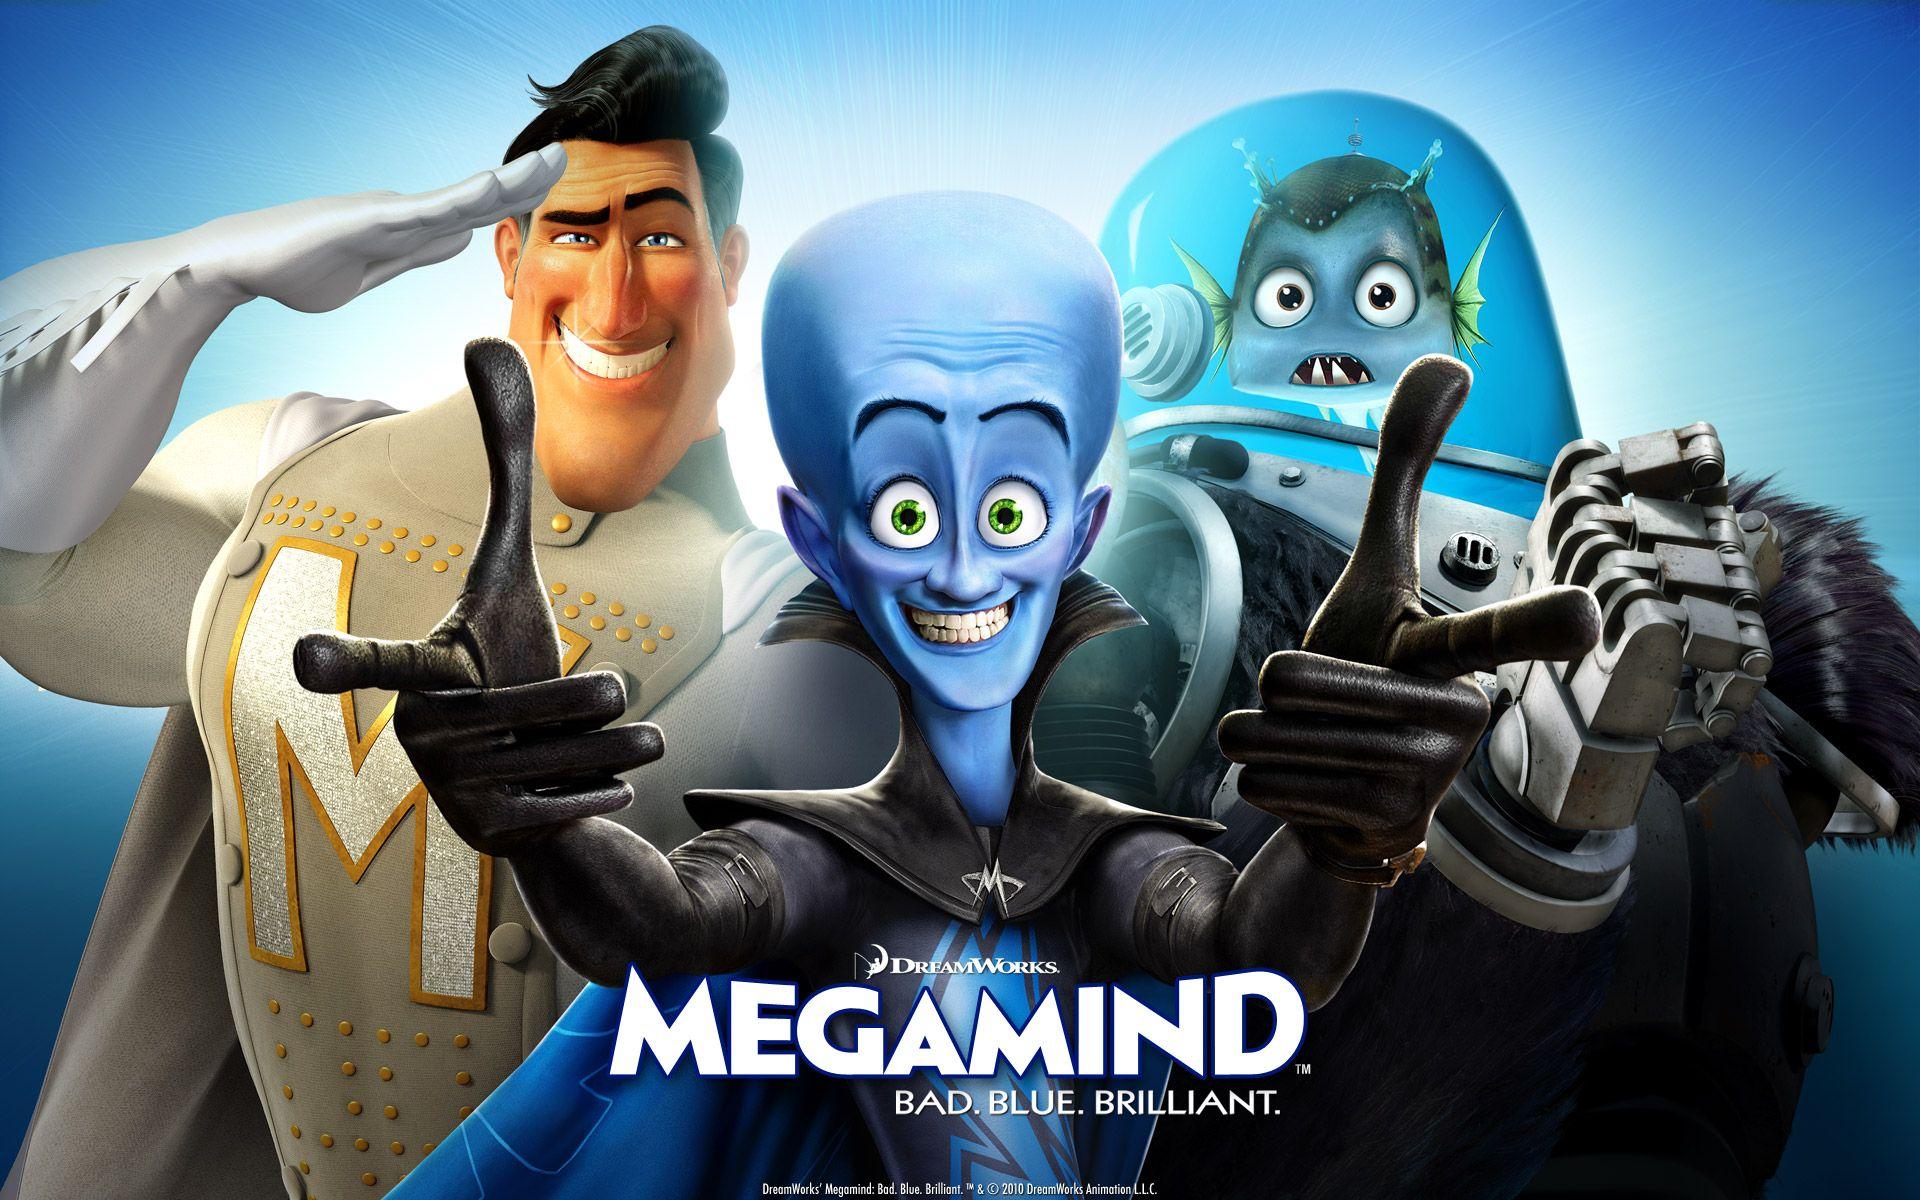 Megamind Megamind 2010 Movie Movie Wallpapers Megamind Movie Animated Movies